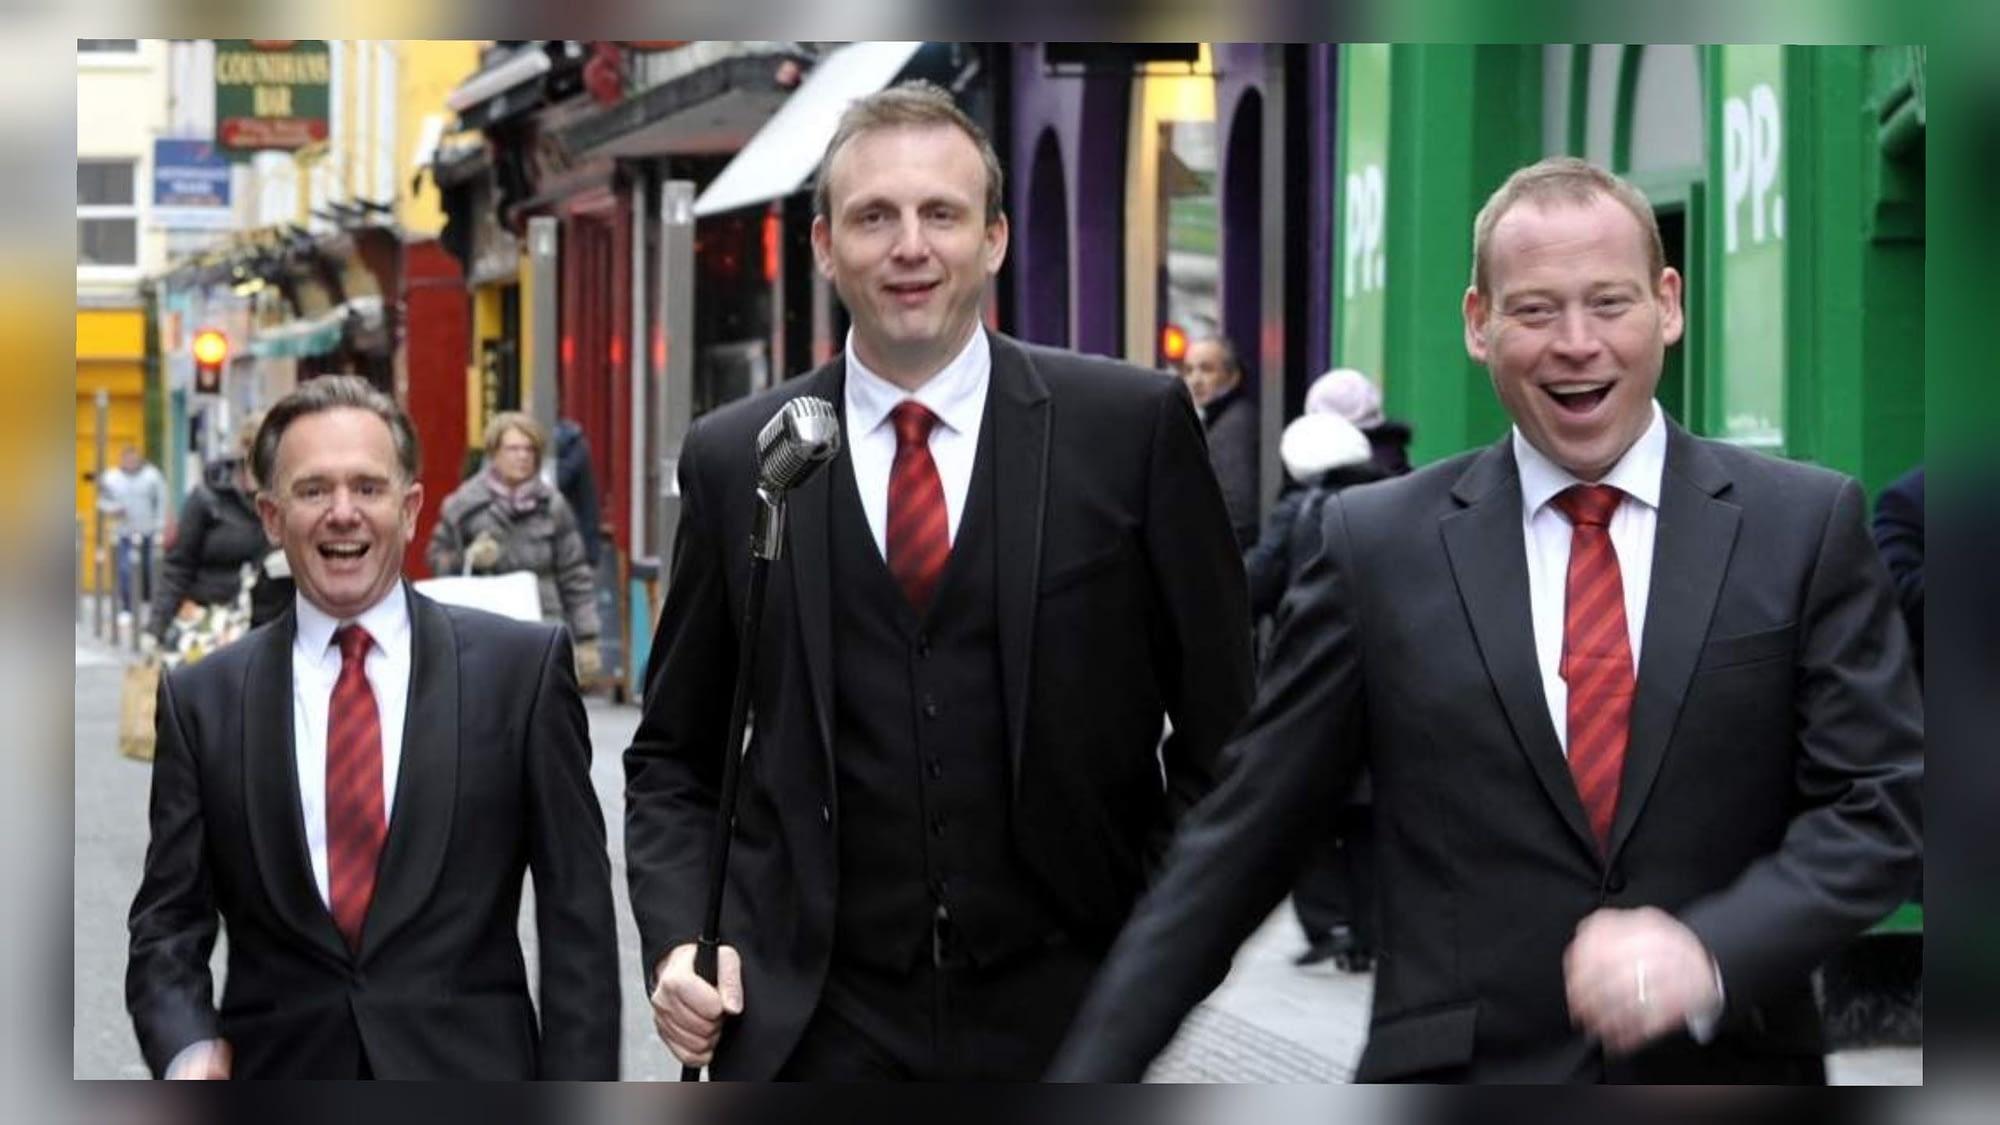 Three cork singing waiters